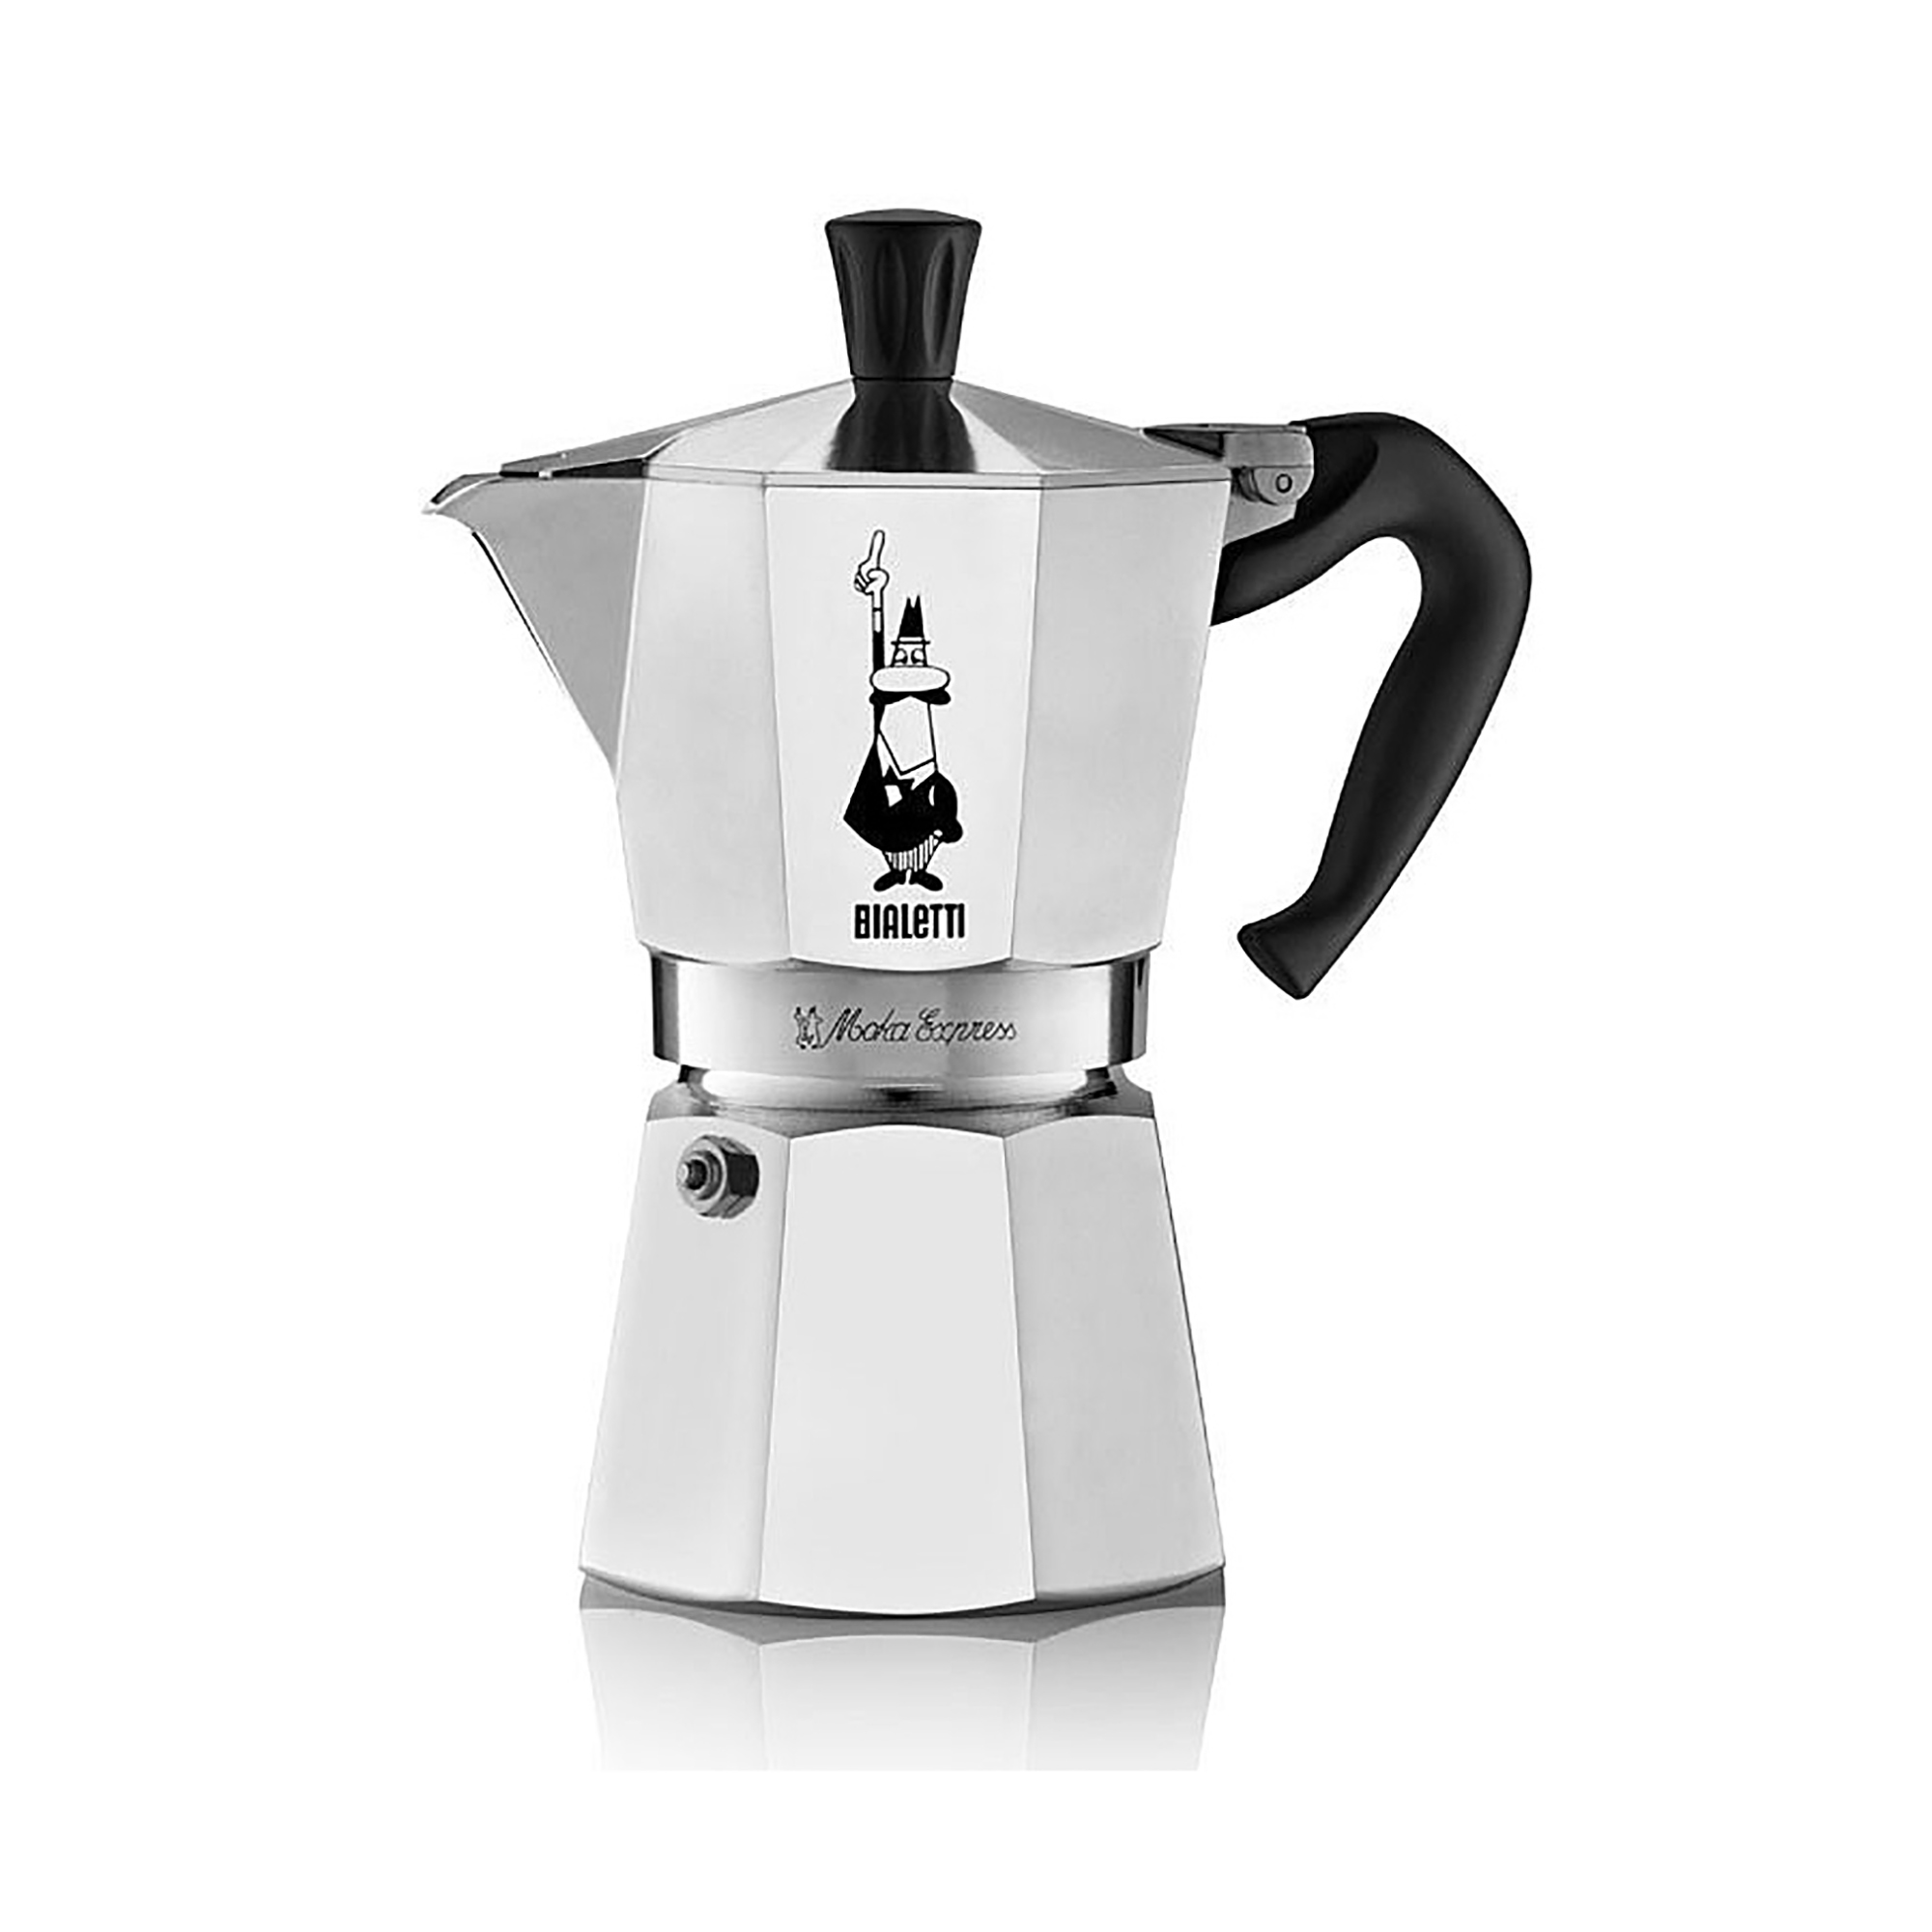 Billede af Moka Express espressokande - 9 kopper